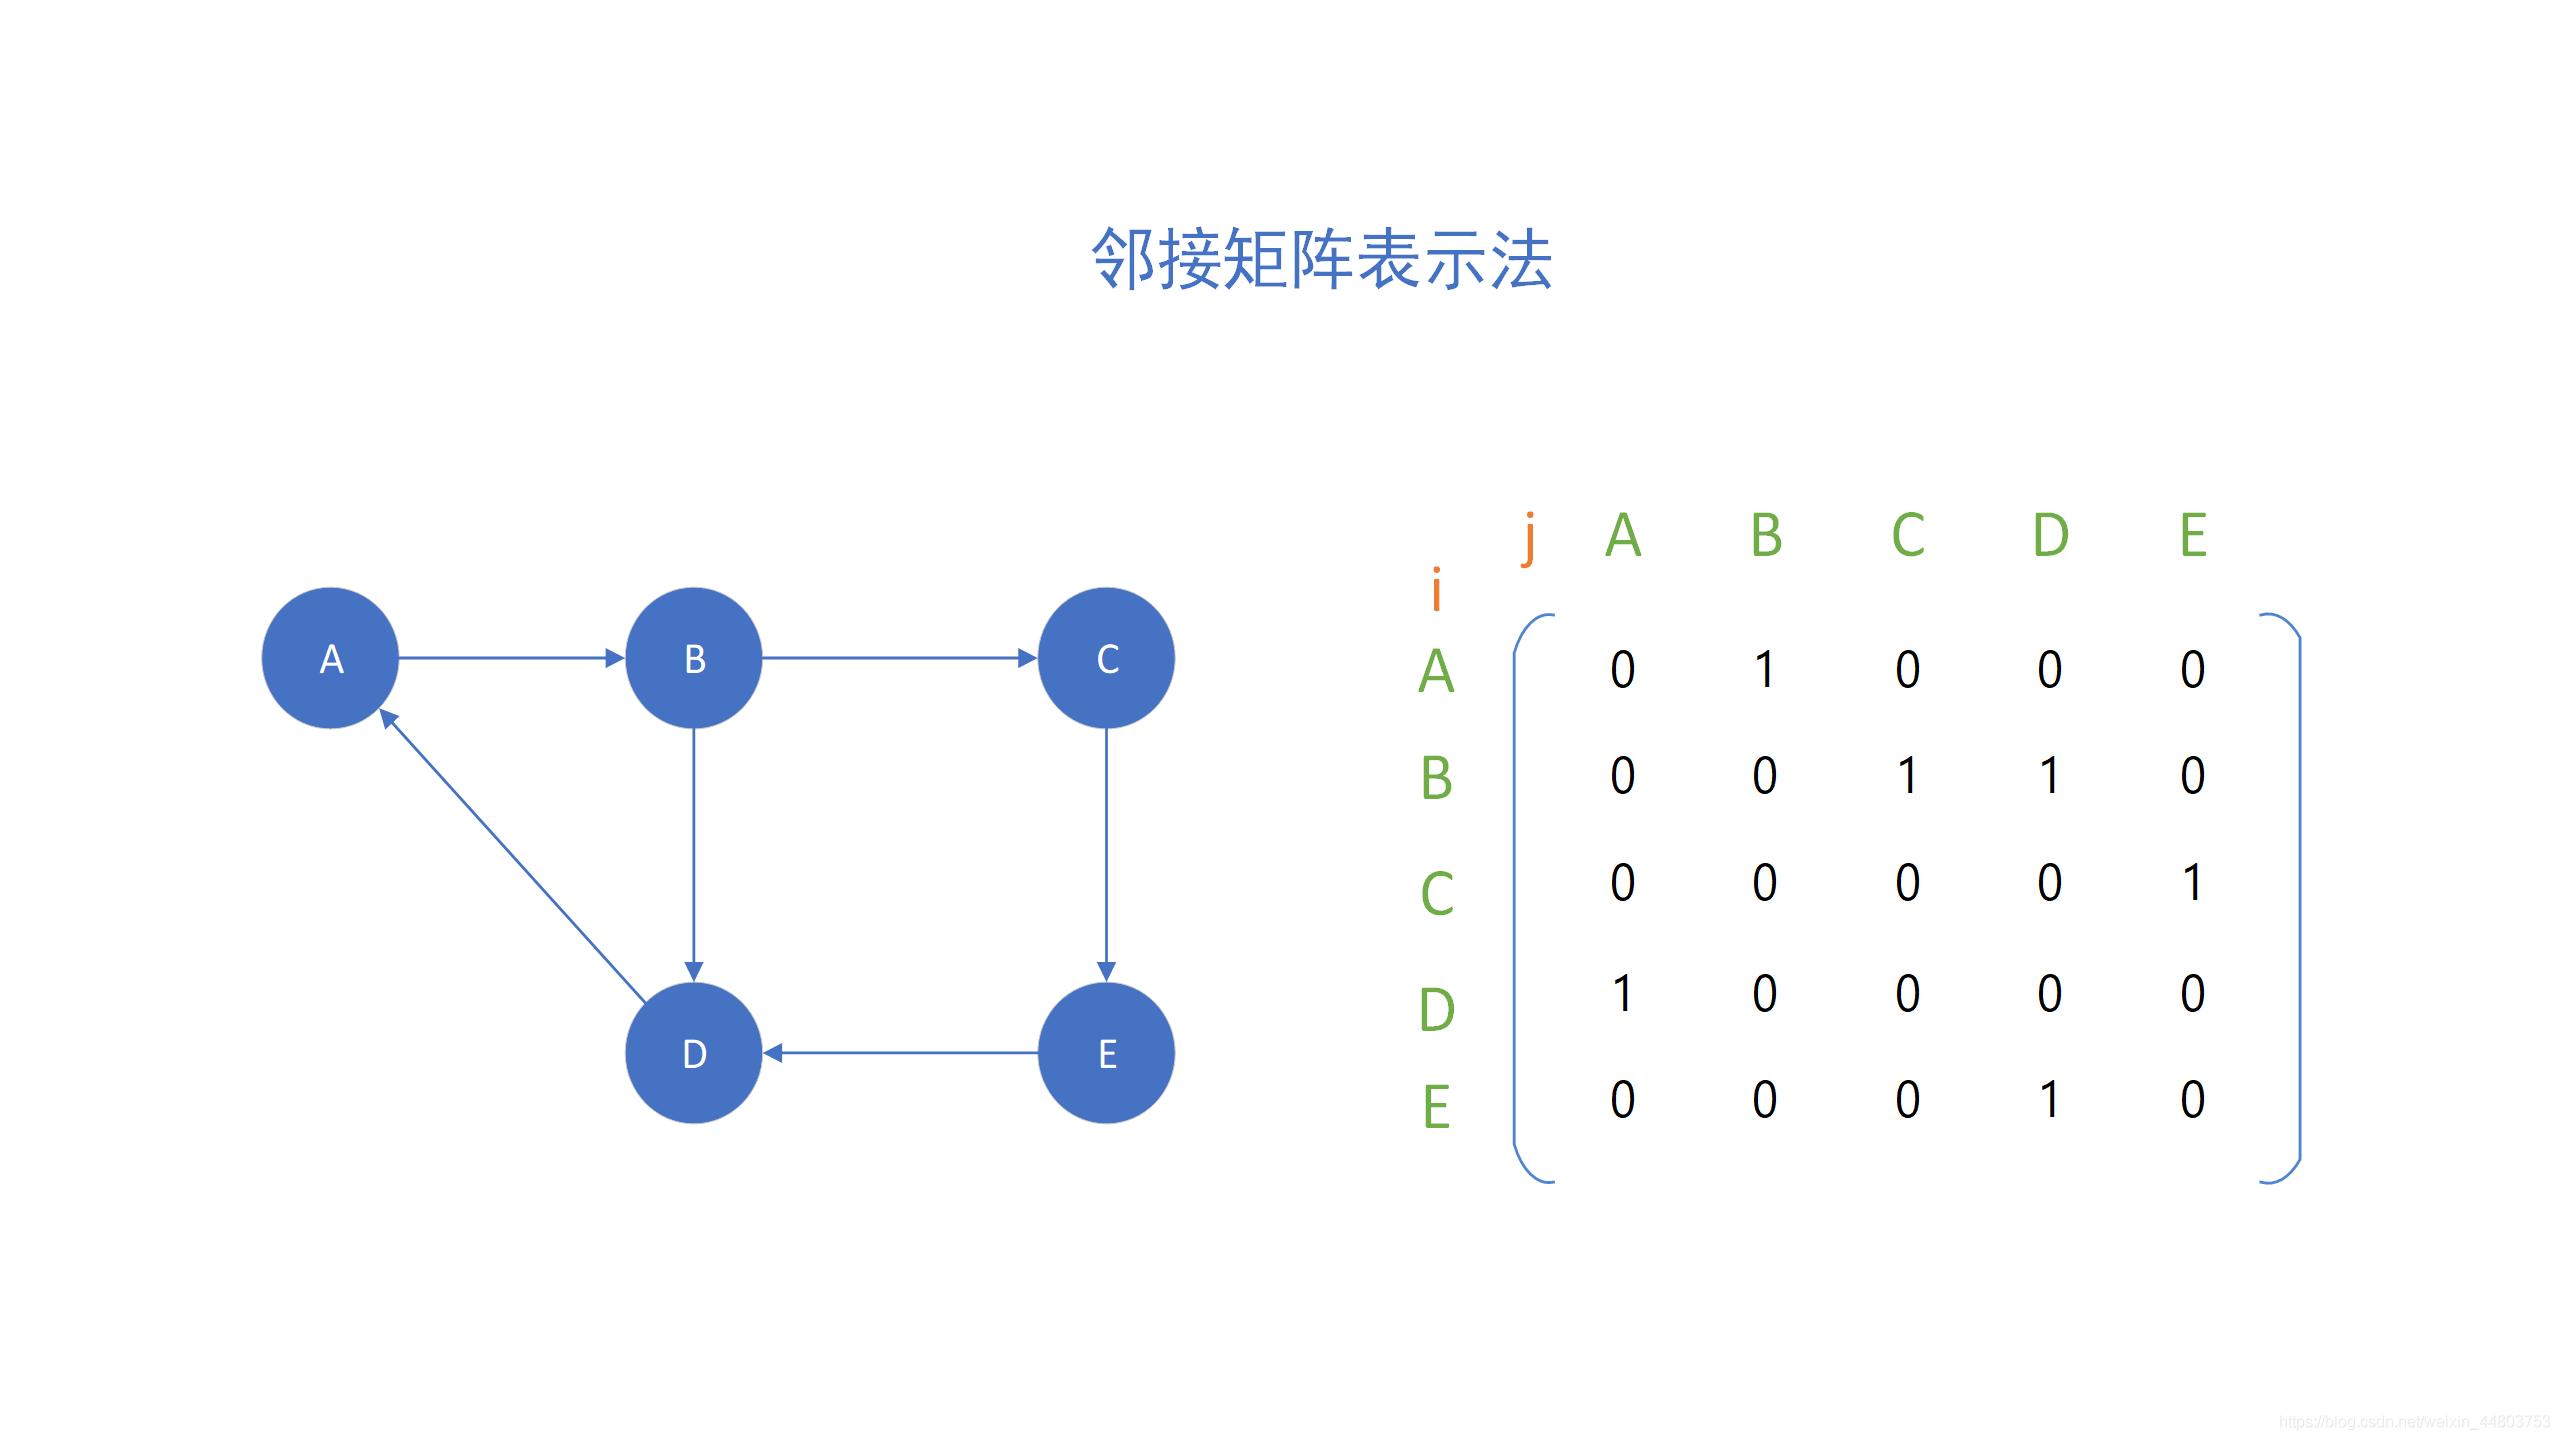 邻接矩阵表示法